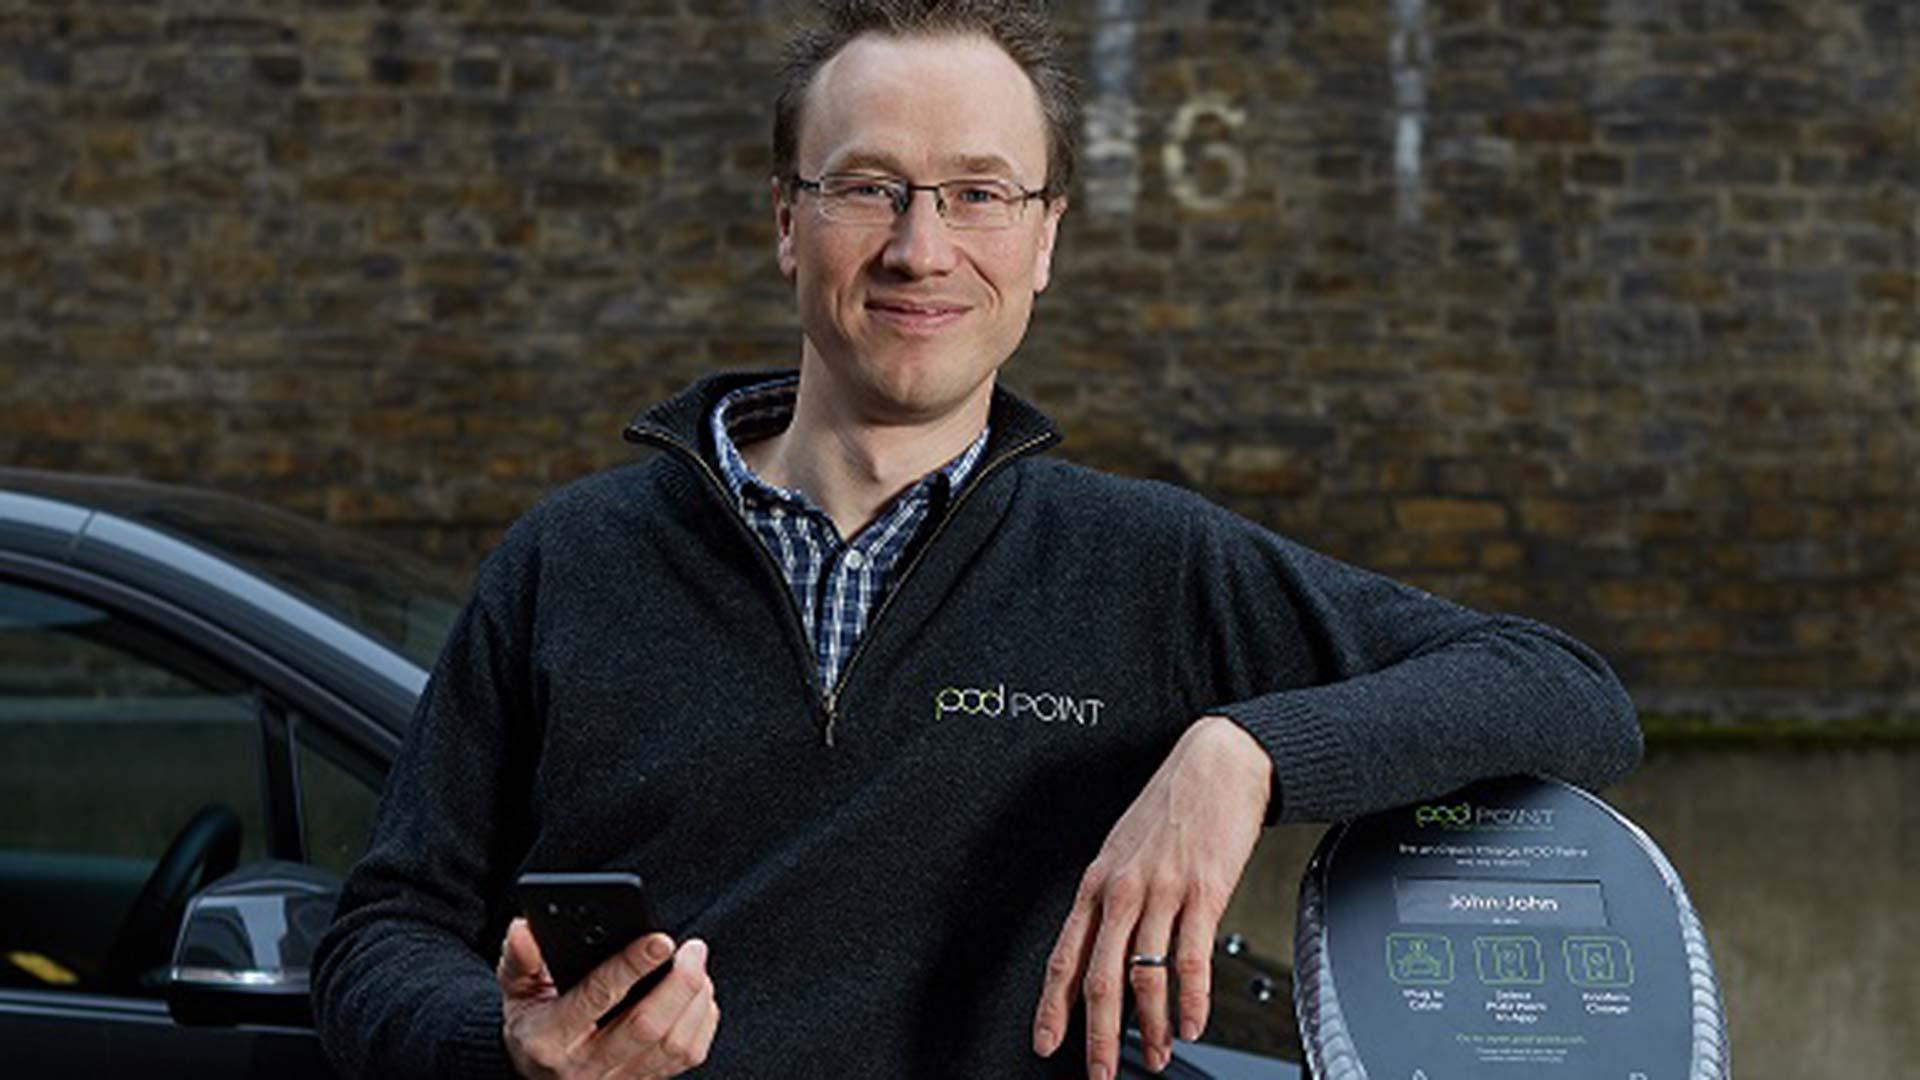 Erik Fairbairn Pod Point CEO and Founder